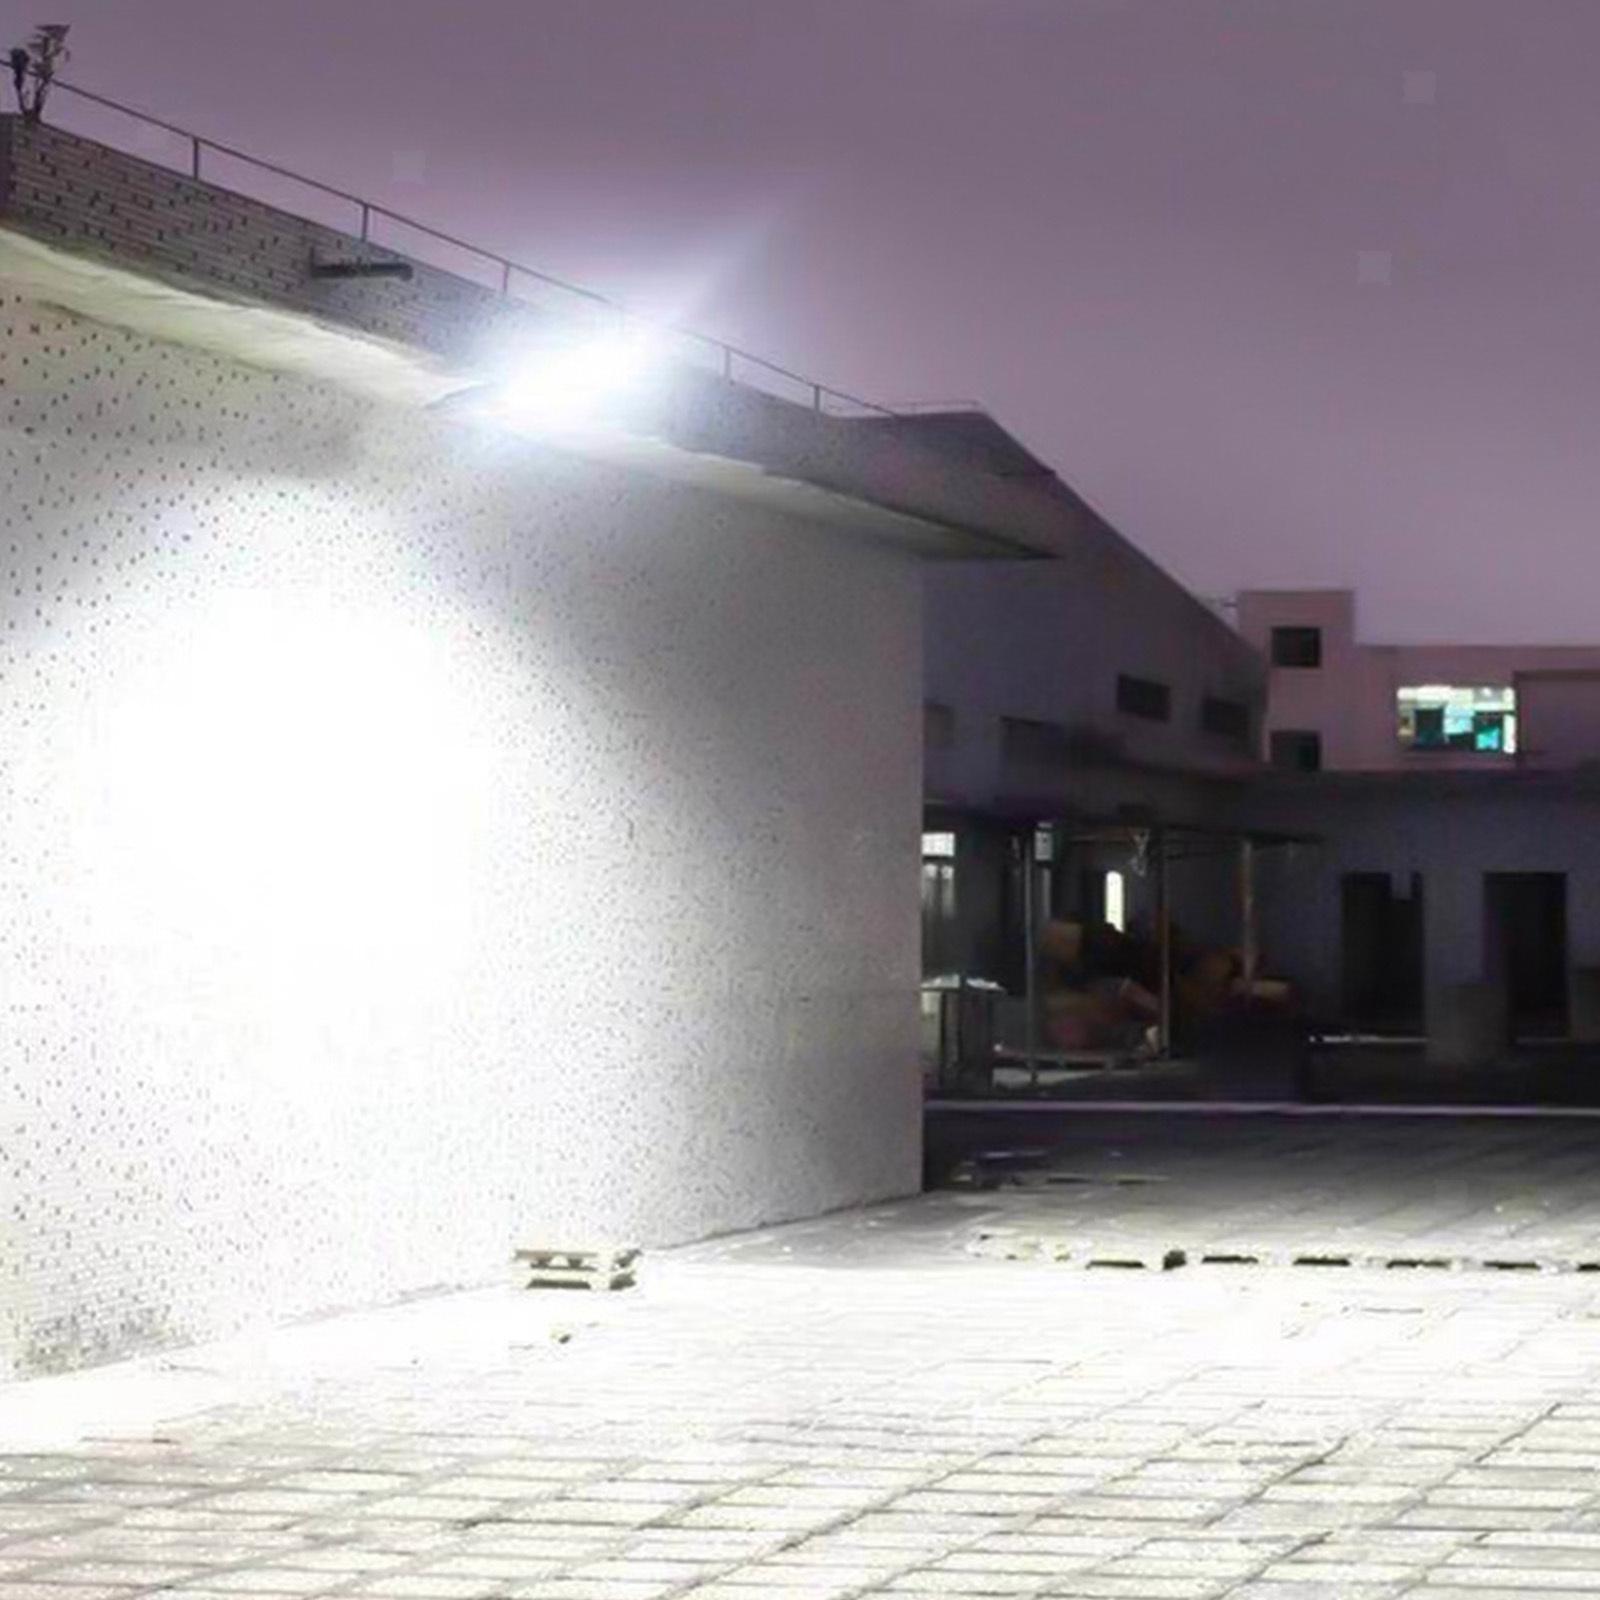 Corps-de-reverbere-a-LED-a-energie-solaire-detectant-la-lumiere miniatura 16